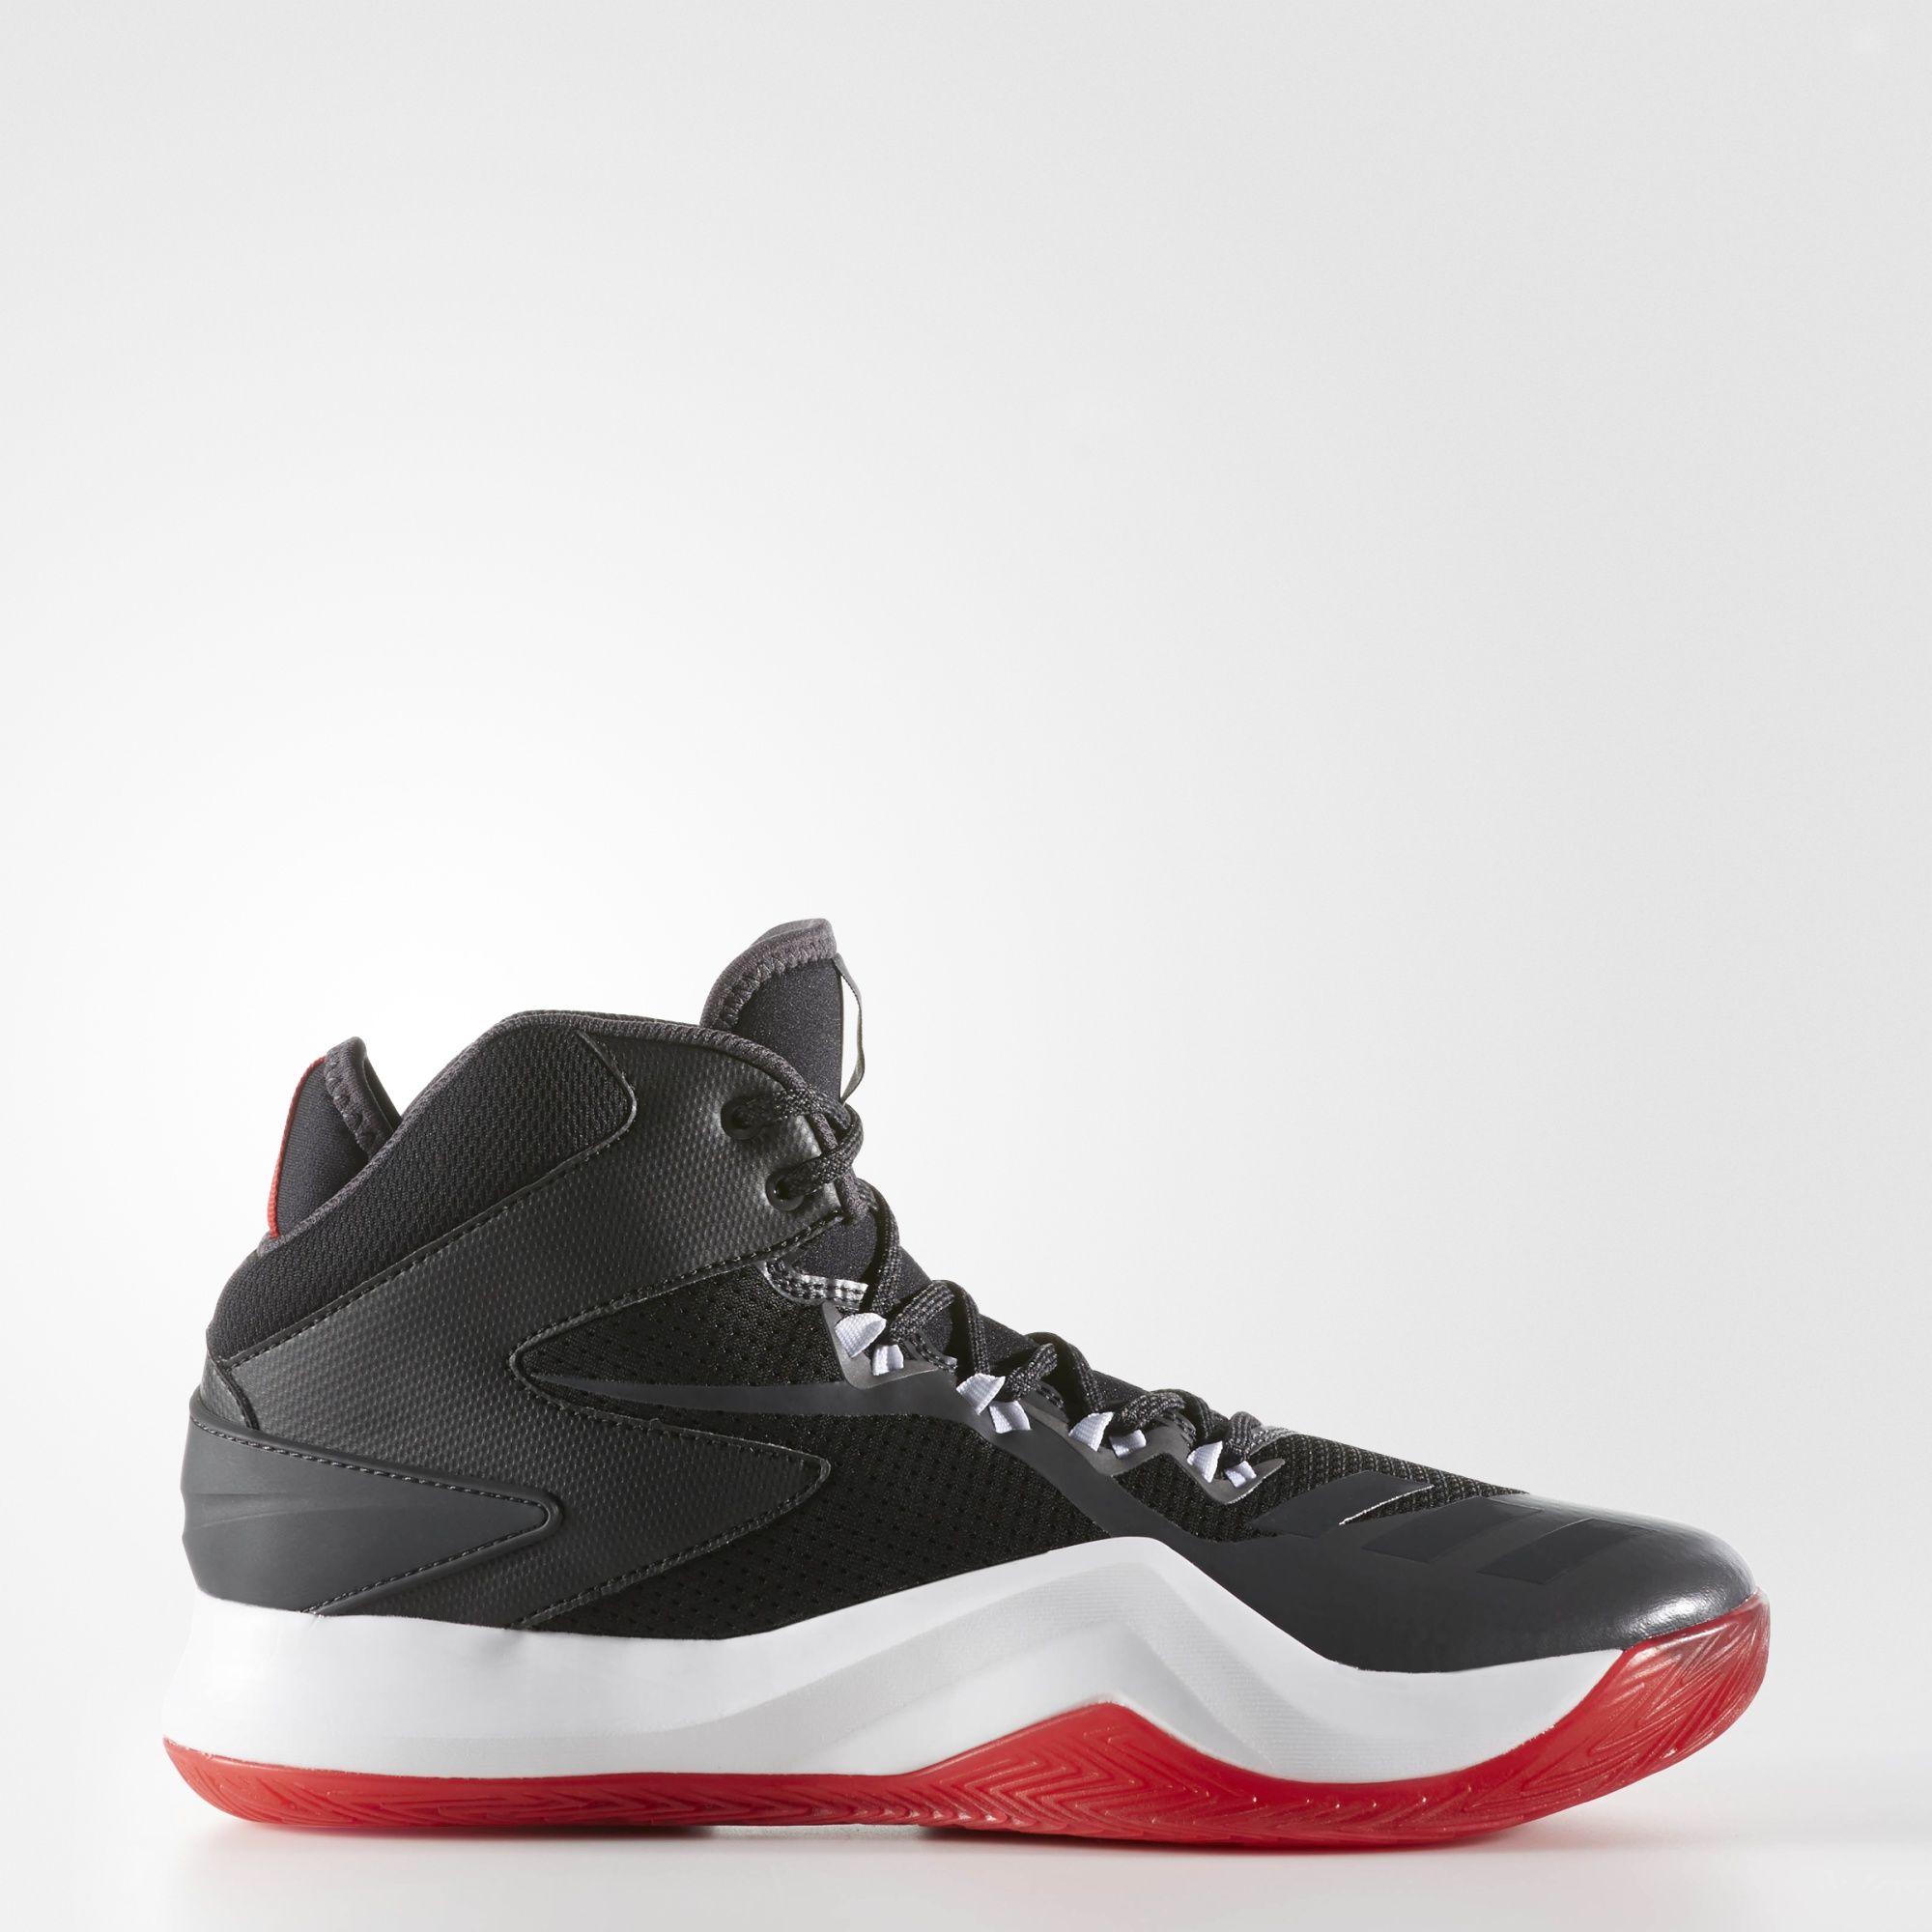 Adidas D Rose Dominate IV Basketballschuh für 32,95€ inkl. Versand statt 54,98€